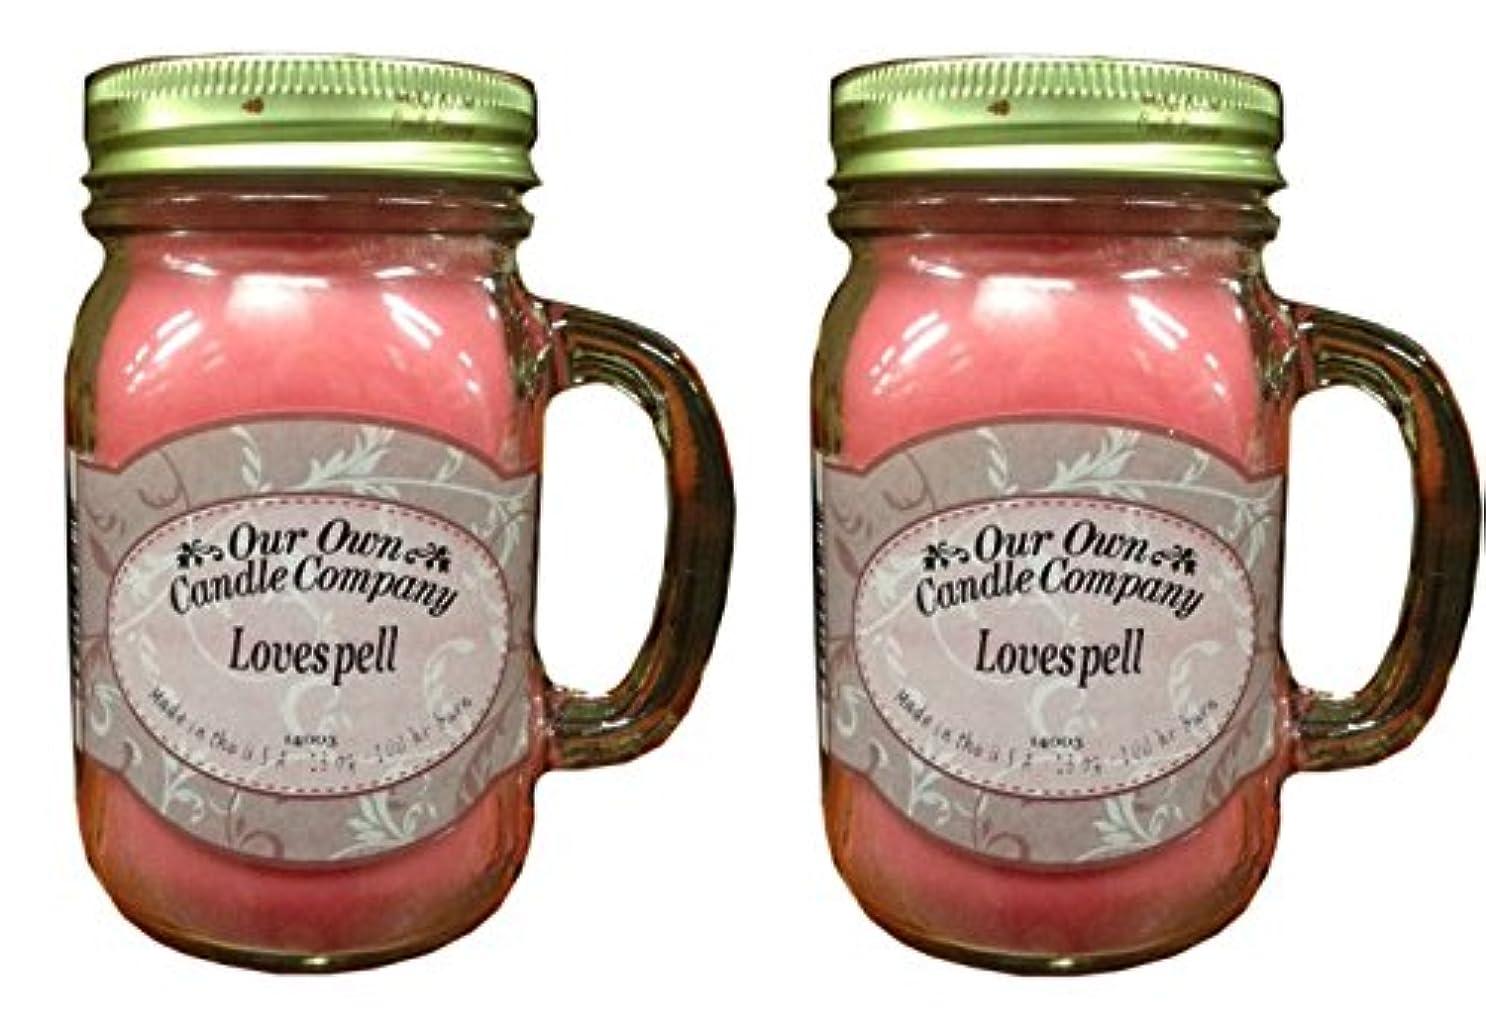 コントラスト遊びますアストロラーベLovespell 13oz 2 - Pack香り大豆ブレンドキャンドルin Mason Jars Made by Our Own Candle Co in usa-100 HR BURN時間あたりCandle